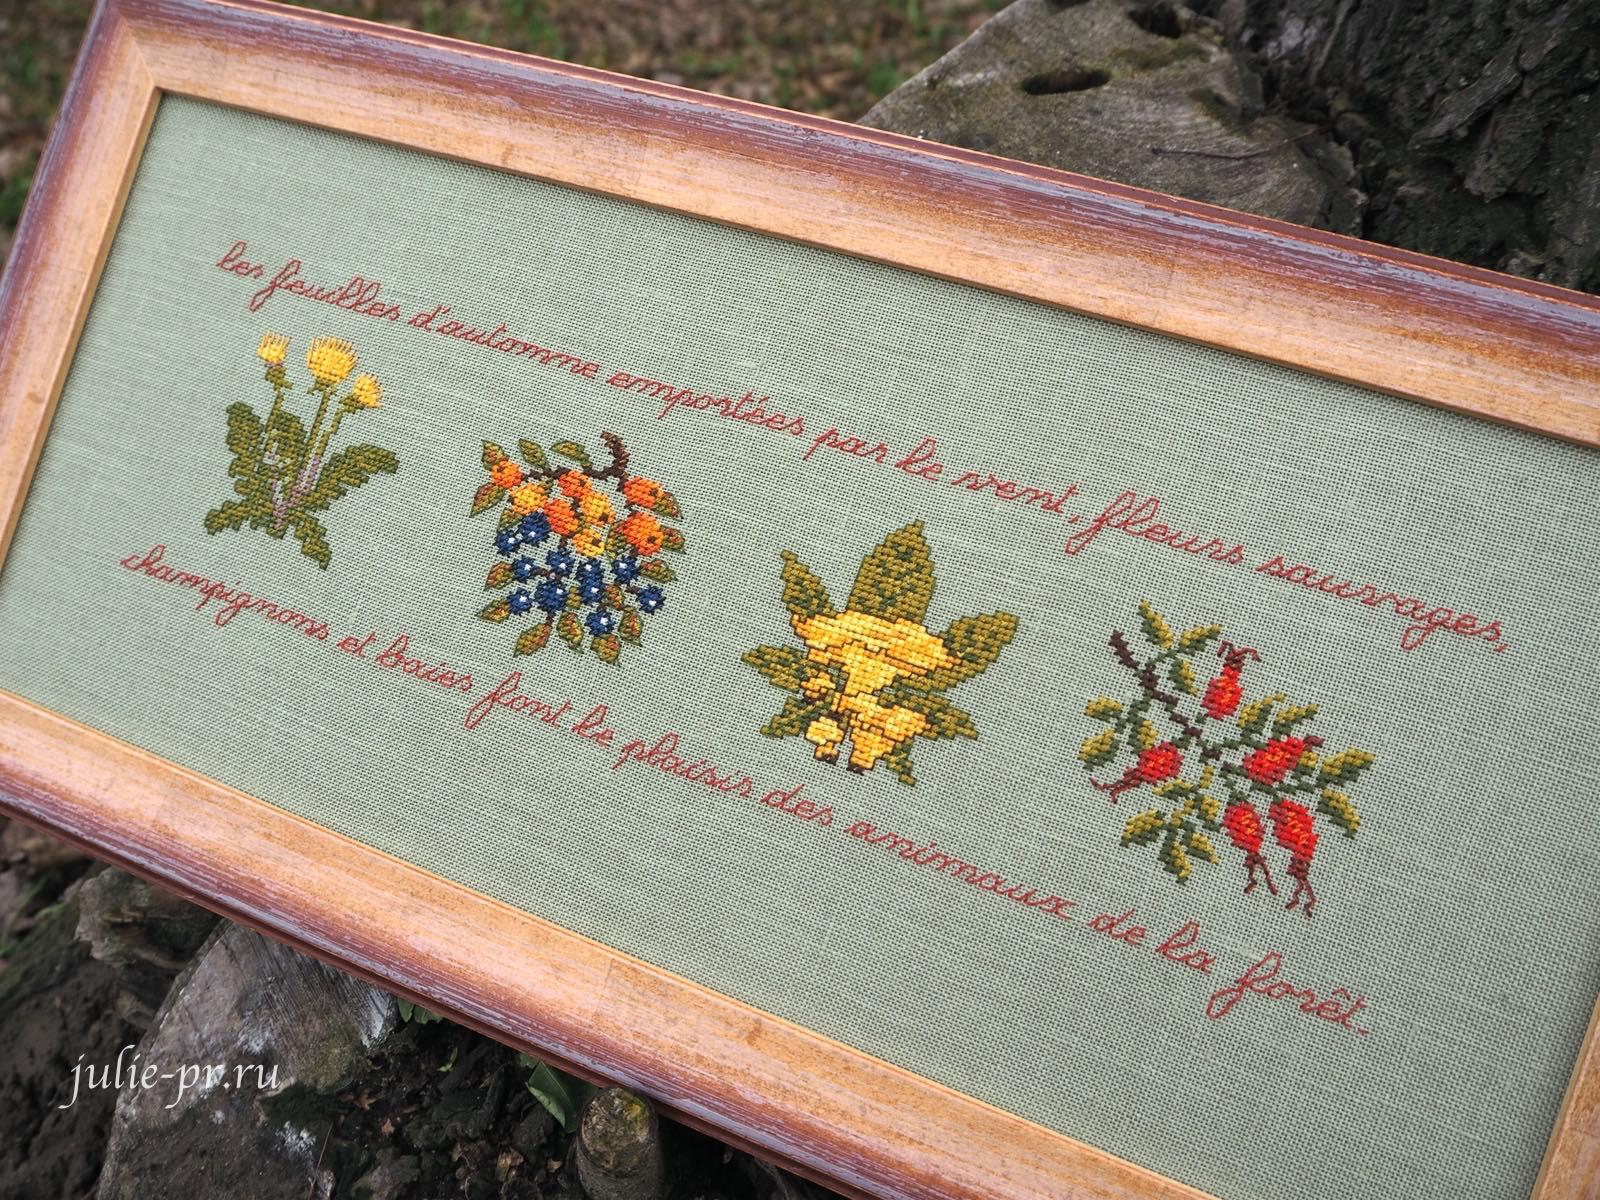 Вышивка крестом, Frise d'automne, осенний фриз Le bonheur des dames, Дамское счастье